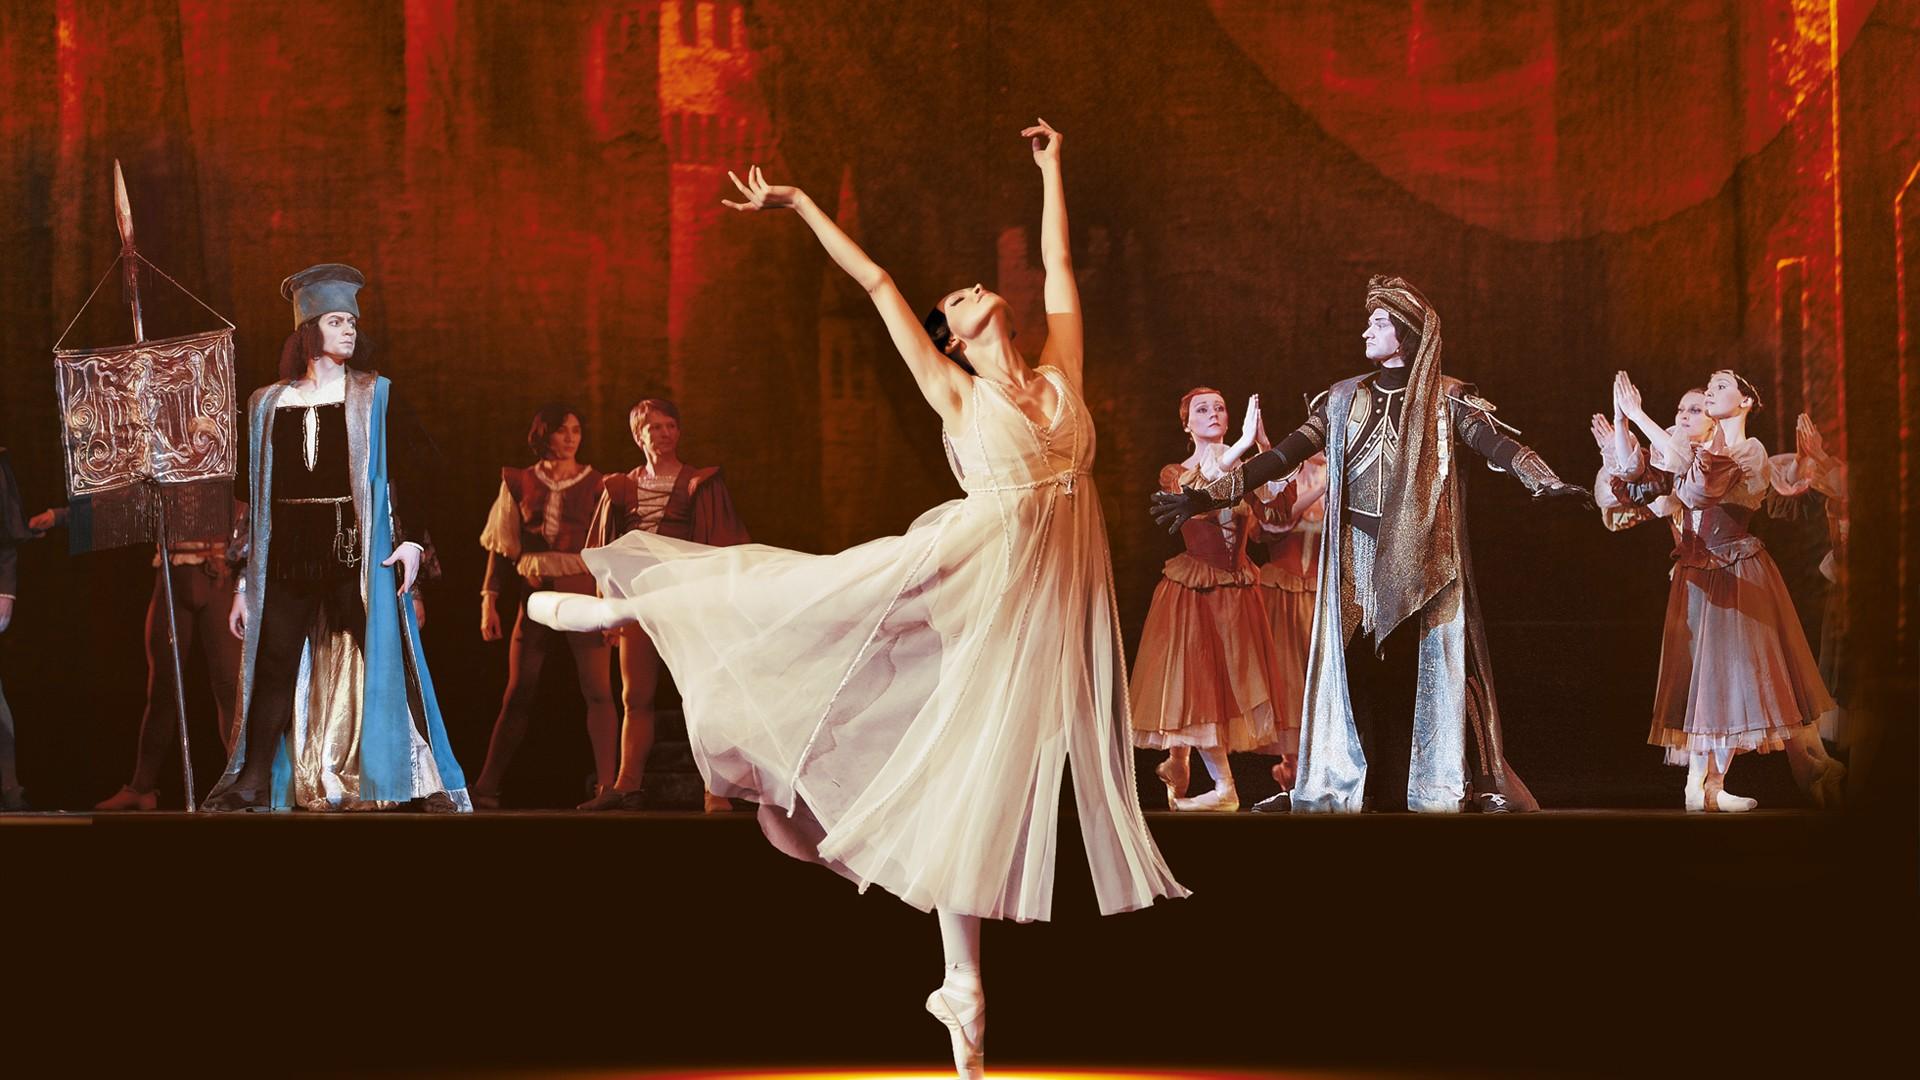 """Ромео и Джульетта. С. Прокофьев. Спектакль театра """"Кремлёвский балет"""""""